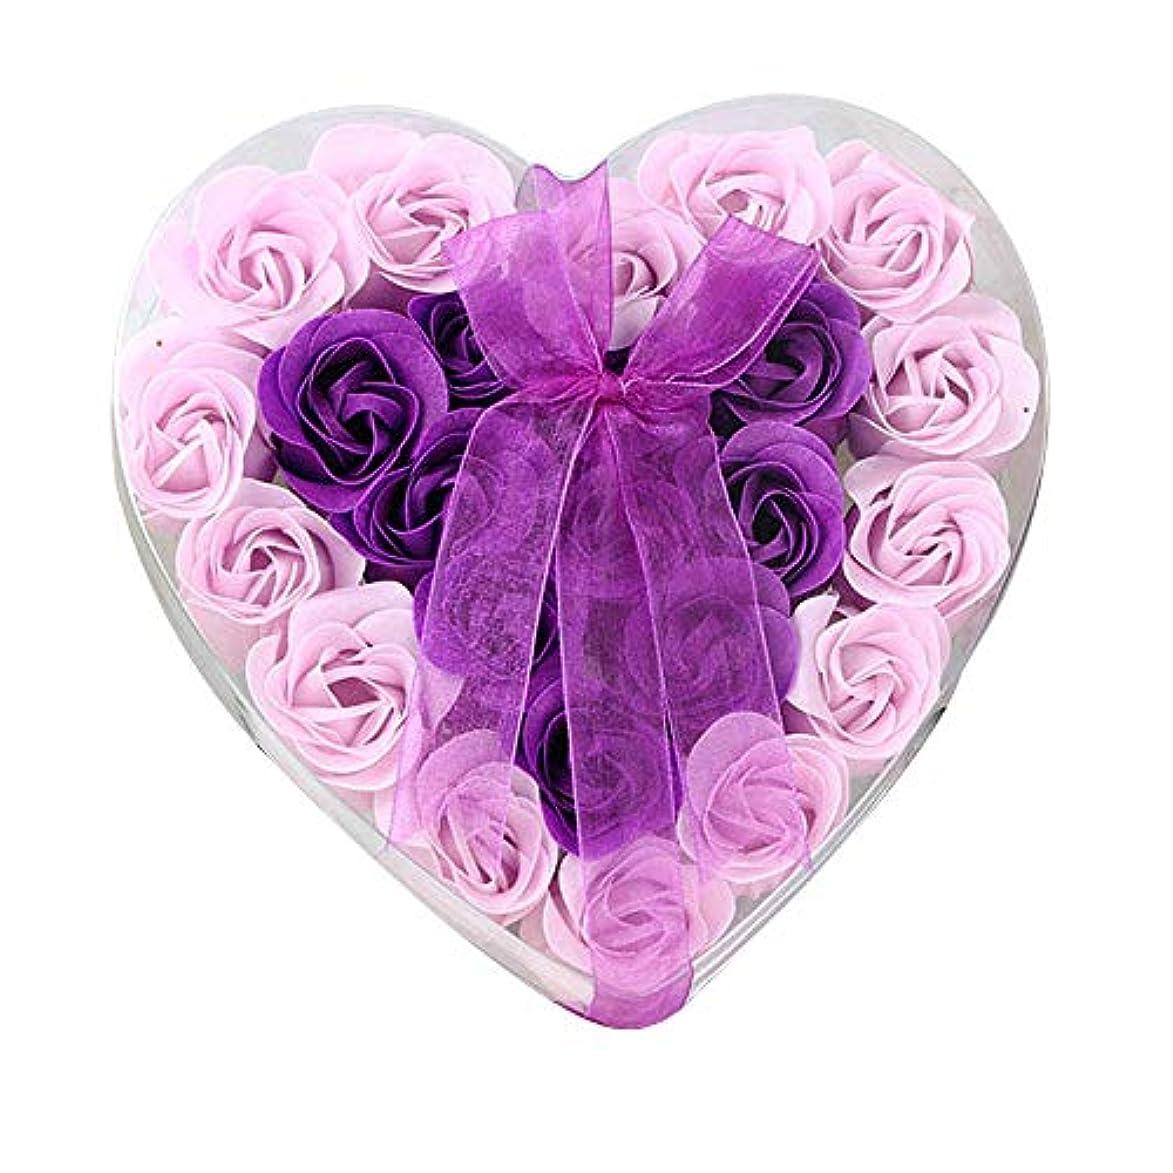 粘着性血まみれの噛む24個の手作りのローズ香りのバスソープの花びら香りのバスソープは、ギフトボックスの花びらをバラ (色 : 紫の)